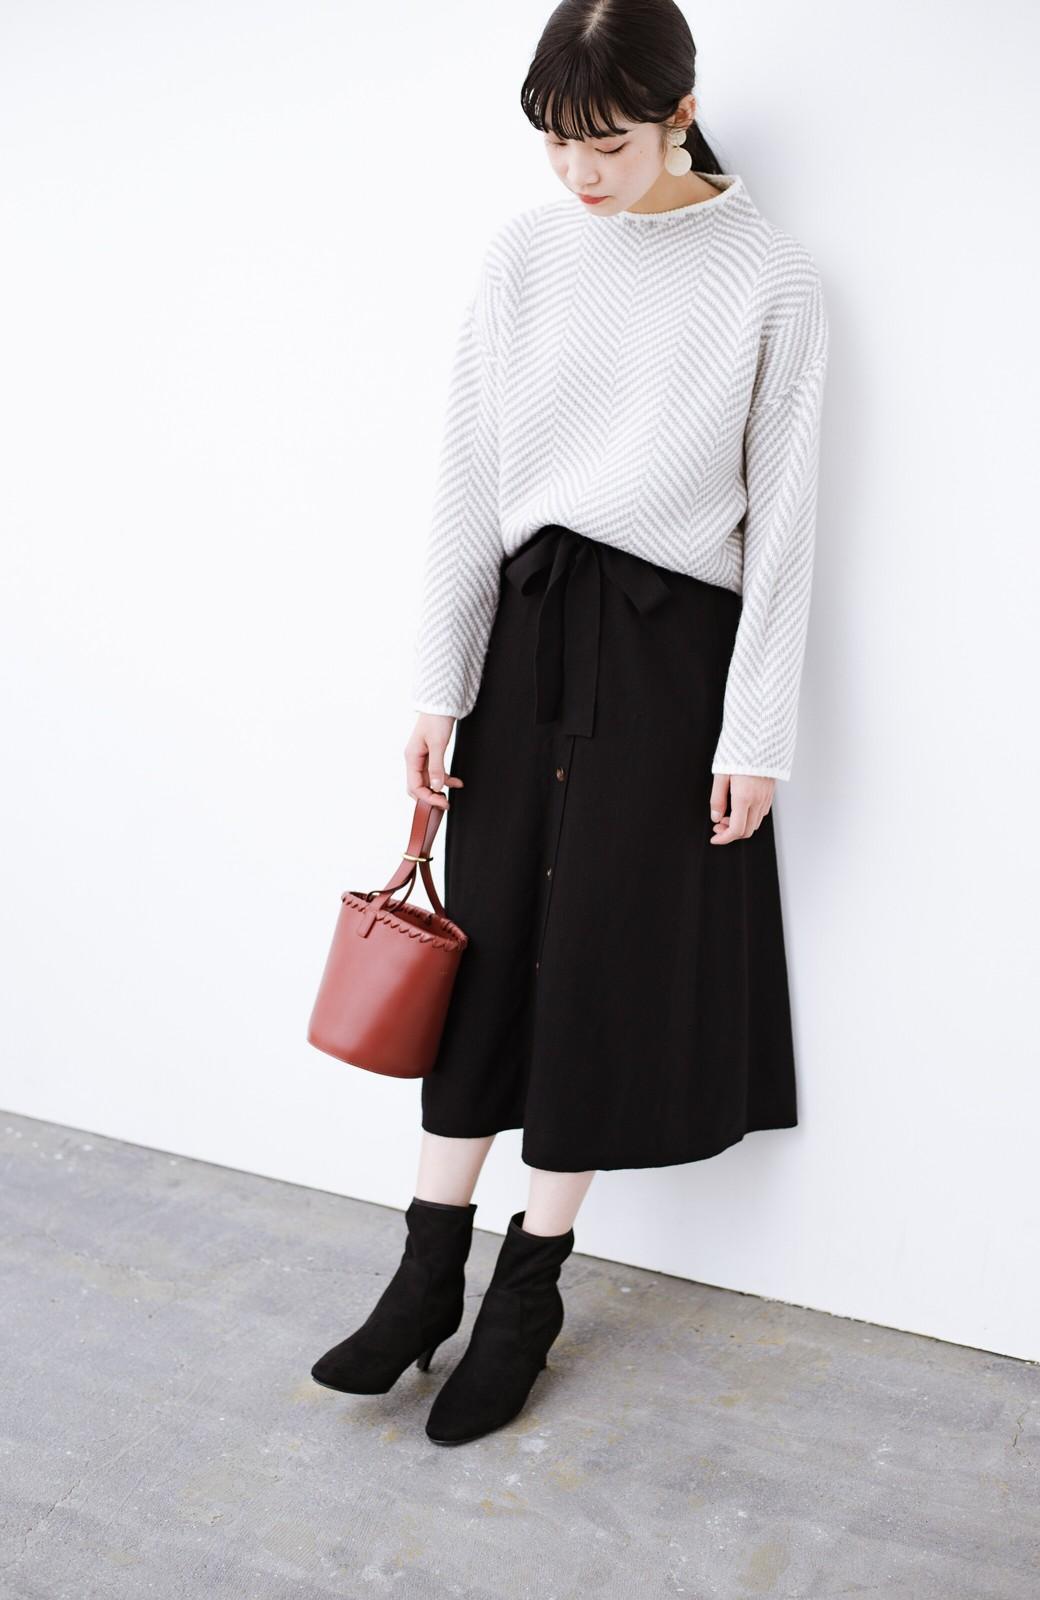 haco! デニムにもスカートにも似合う!すぽっと履けてスタイルアップが叶う女っぽフェイクスエードブーツ <ブラック>の商品写真24